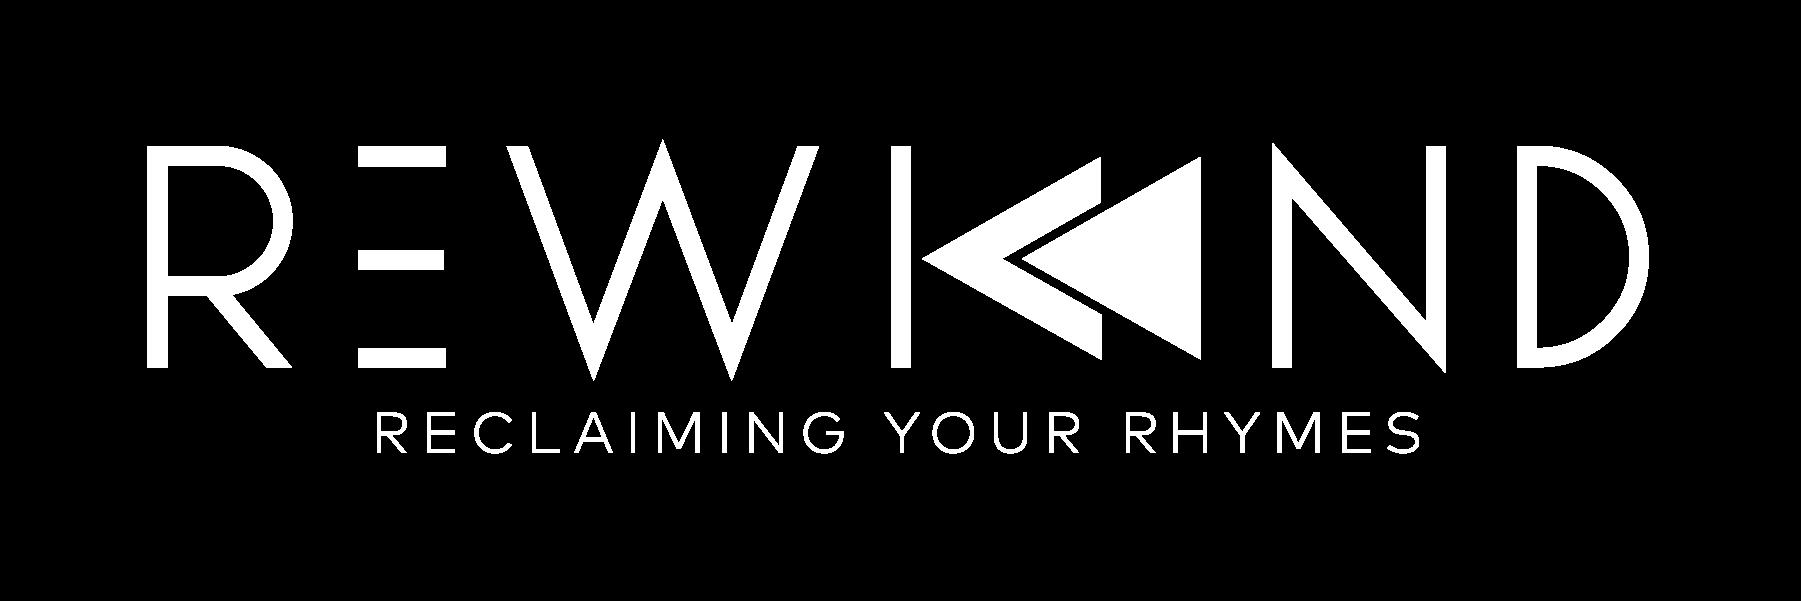 RW-web-prime-wht trademark attorney